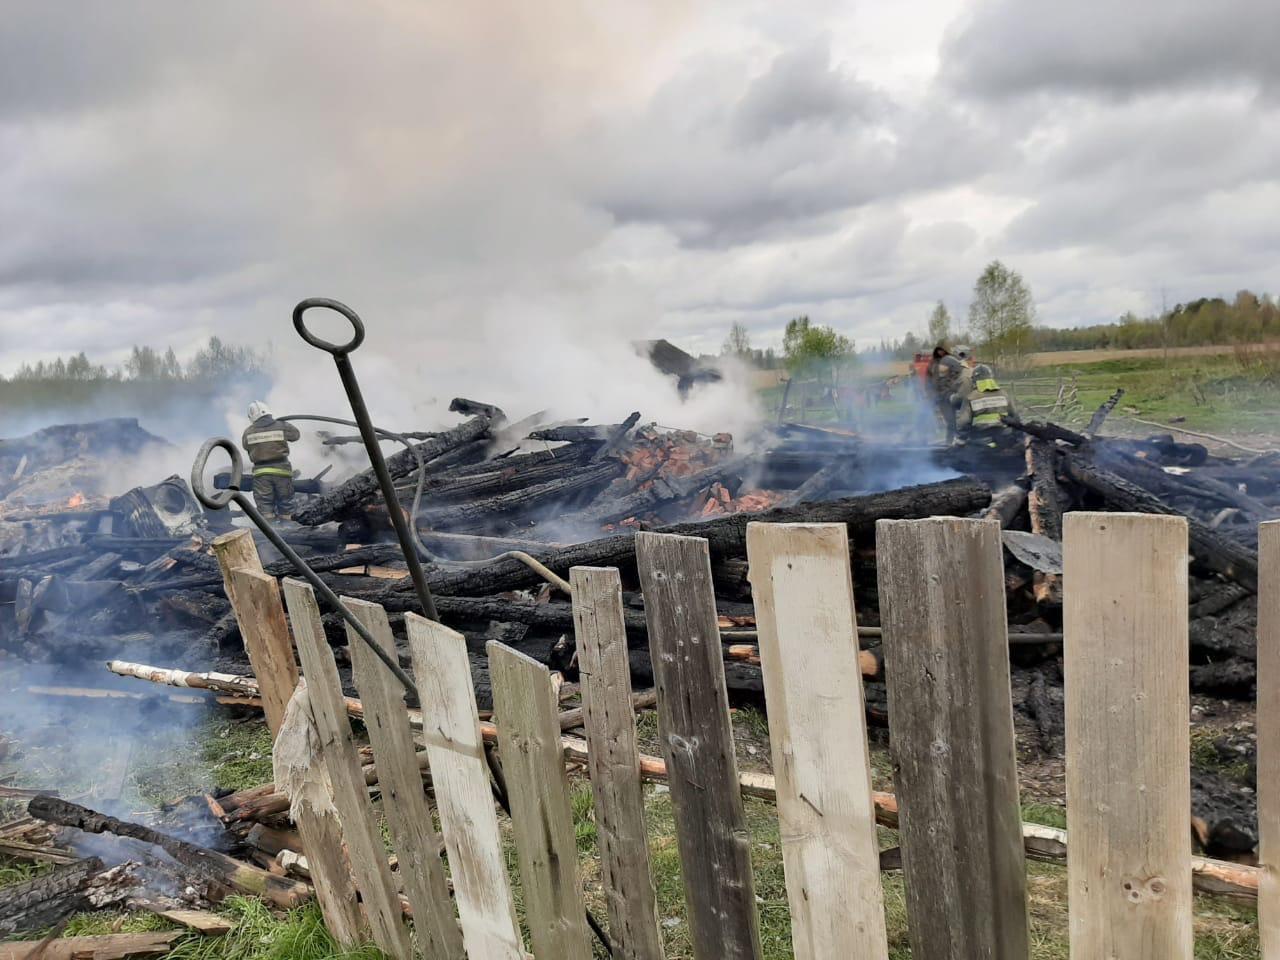 Дмитрий Миронов: окажем максимальную помощь семье, потерявшей и все имущество при пожаре